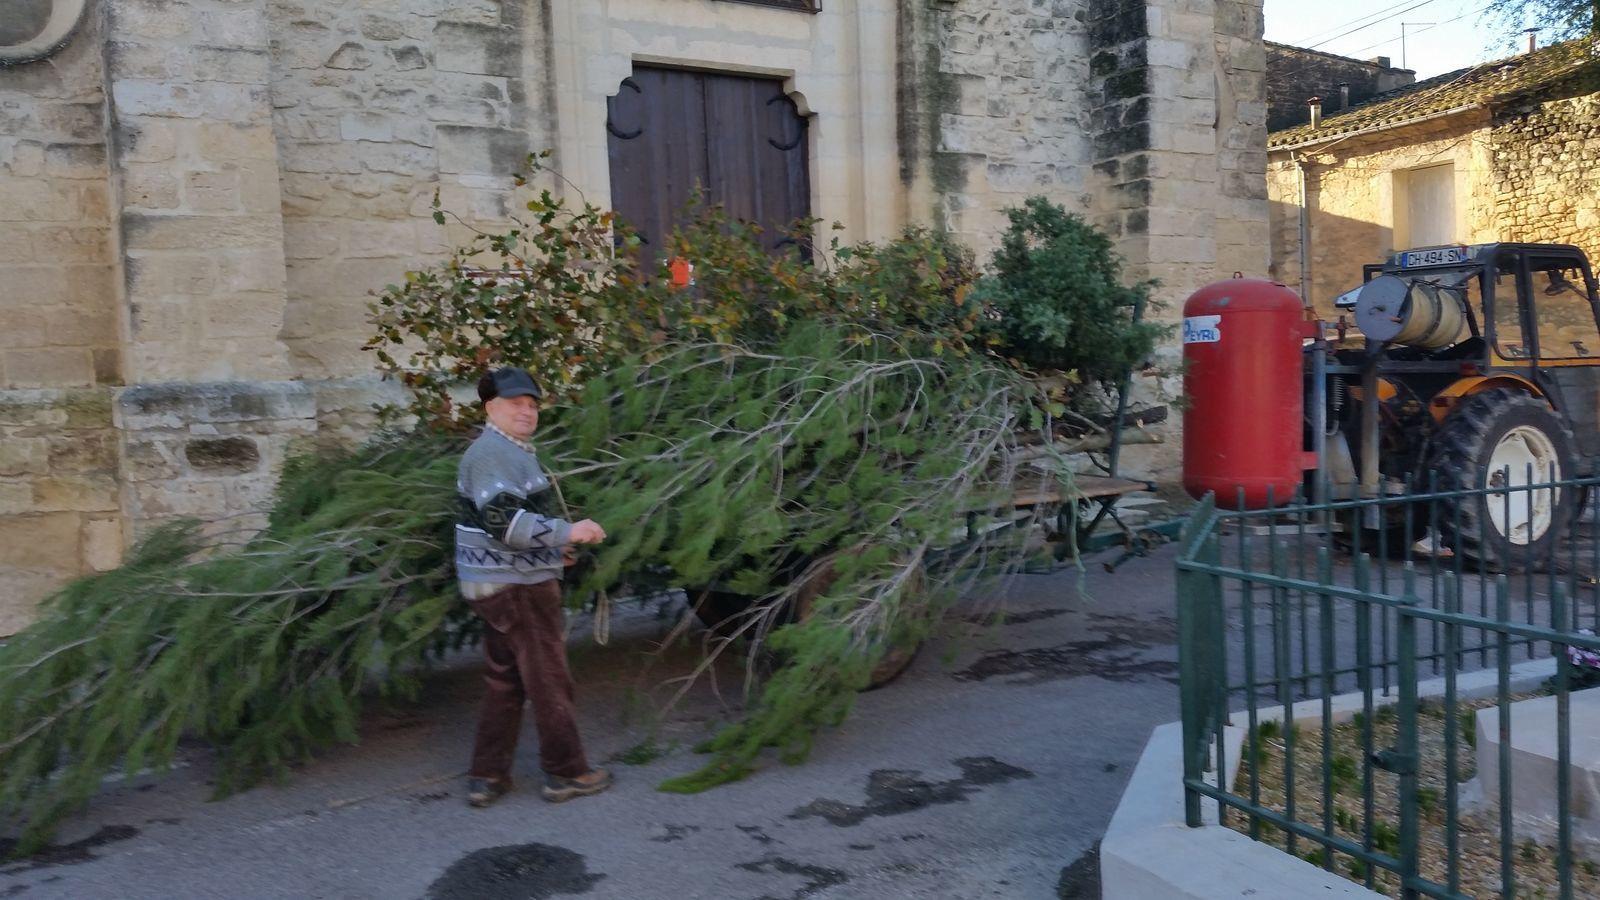 L'histoire de la crèche commence avec André qui apporte sur la remorque de son tracteur les végétaux récoltés dans la garrigue et les bois qui serviront de fond de décor à la crèche.